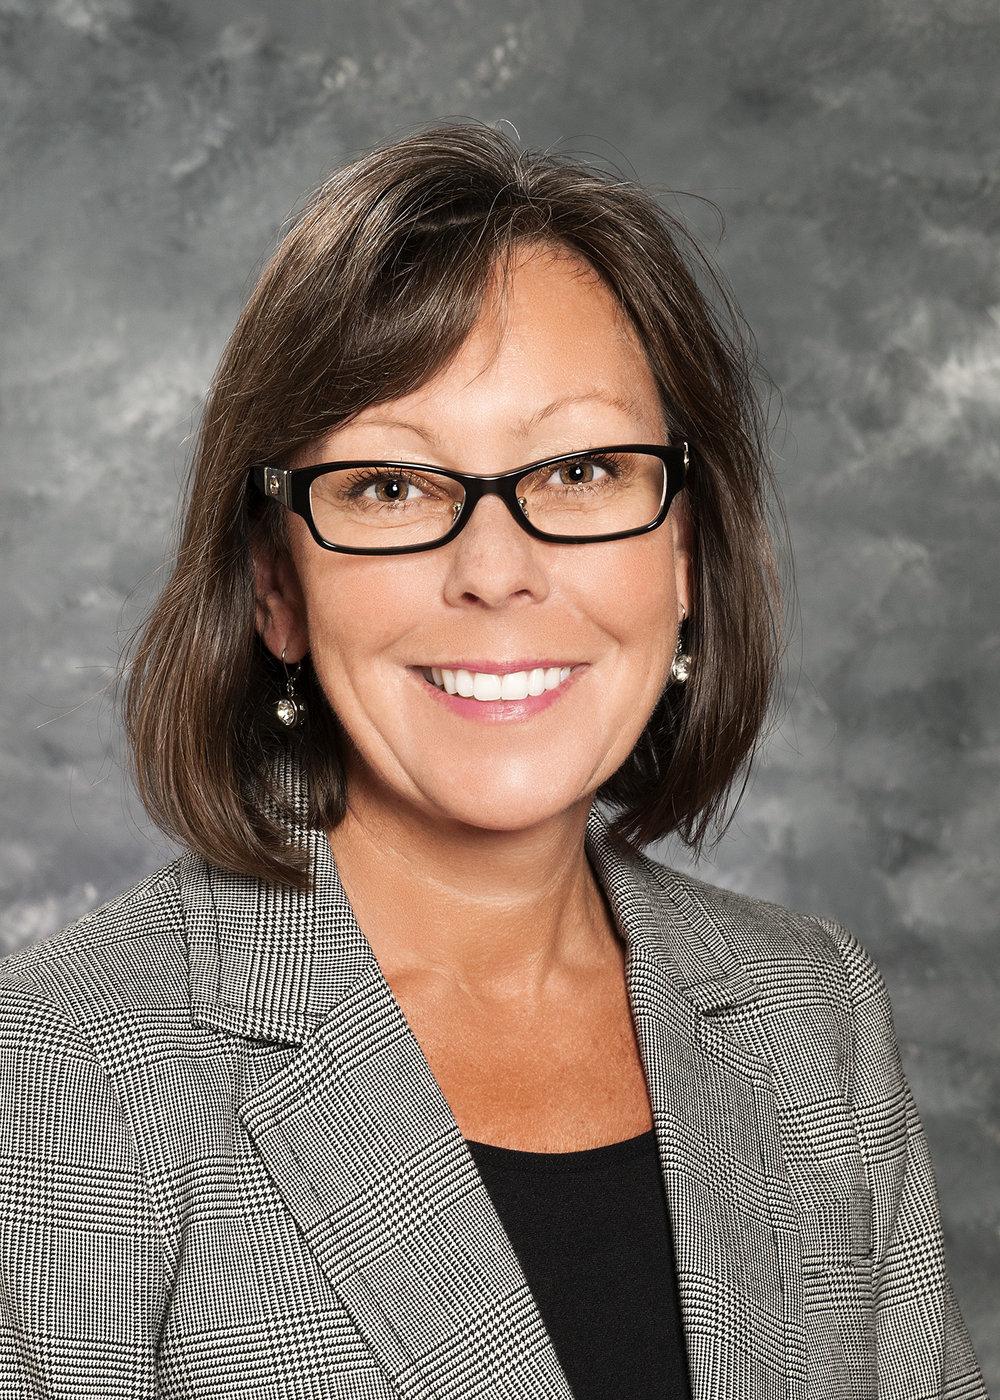 Jodi Lowary, RN, MSN, National Brain Aneurysm & Tumor Center, St. Paul, Minnesota